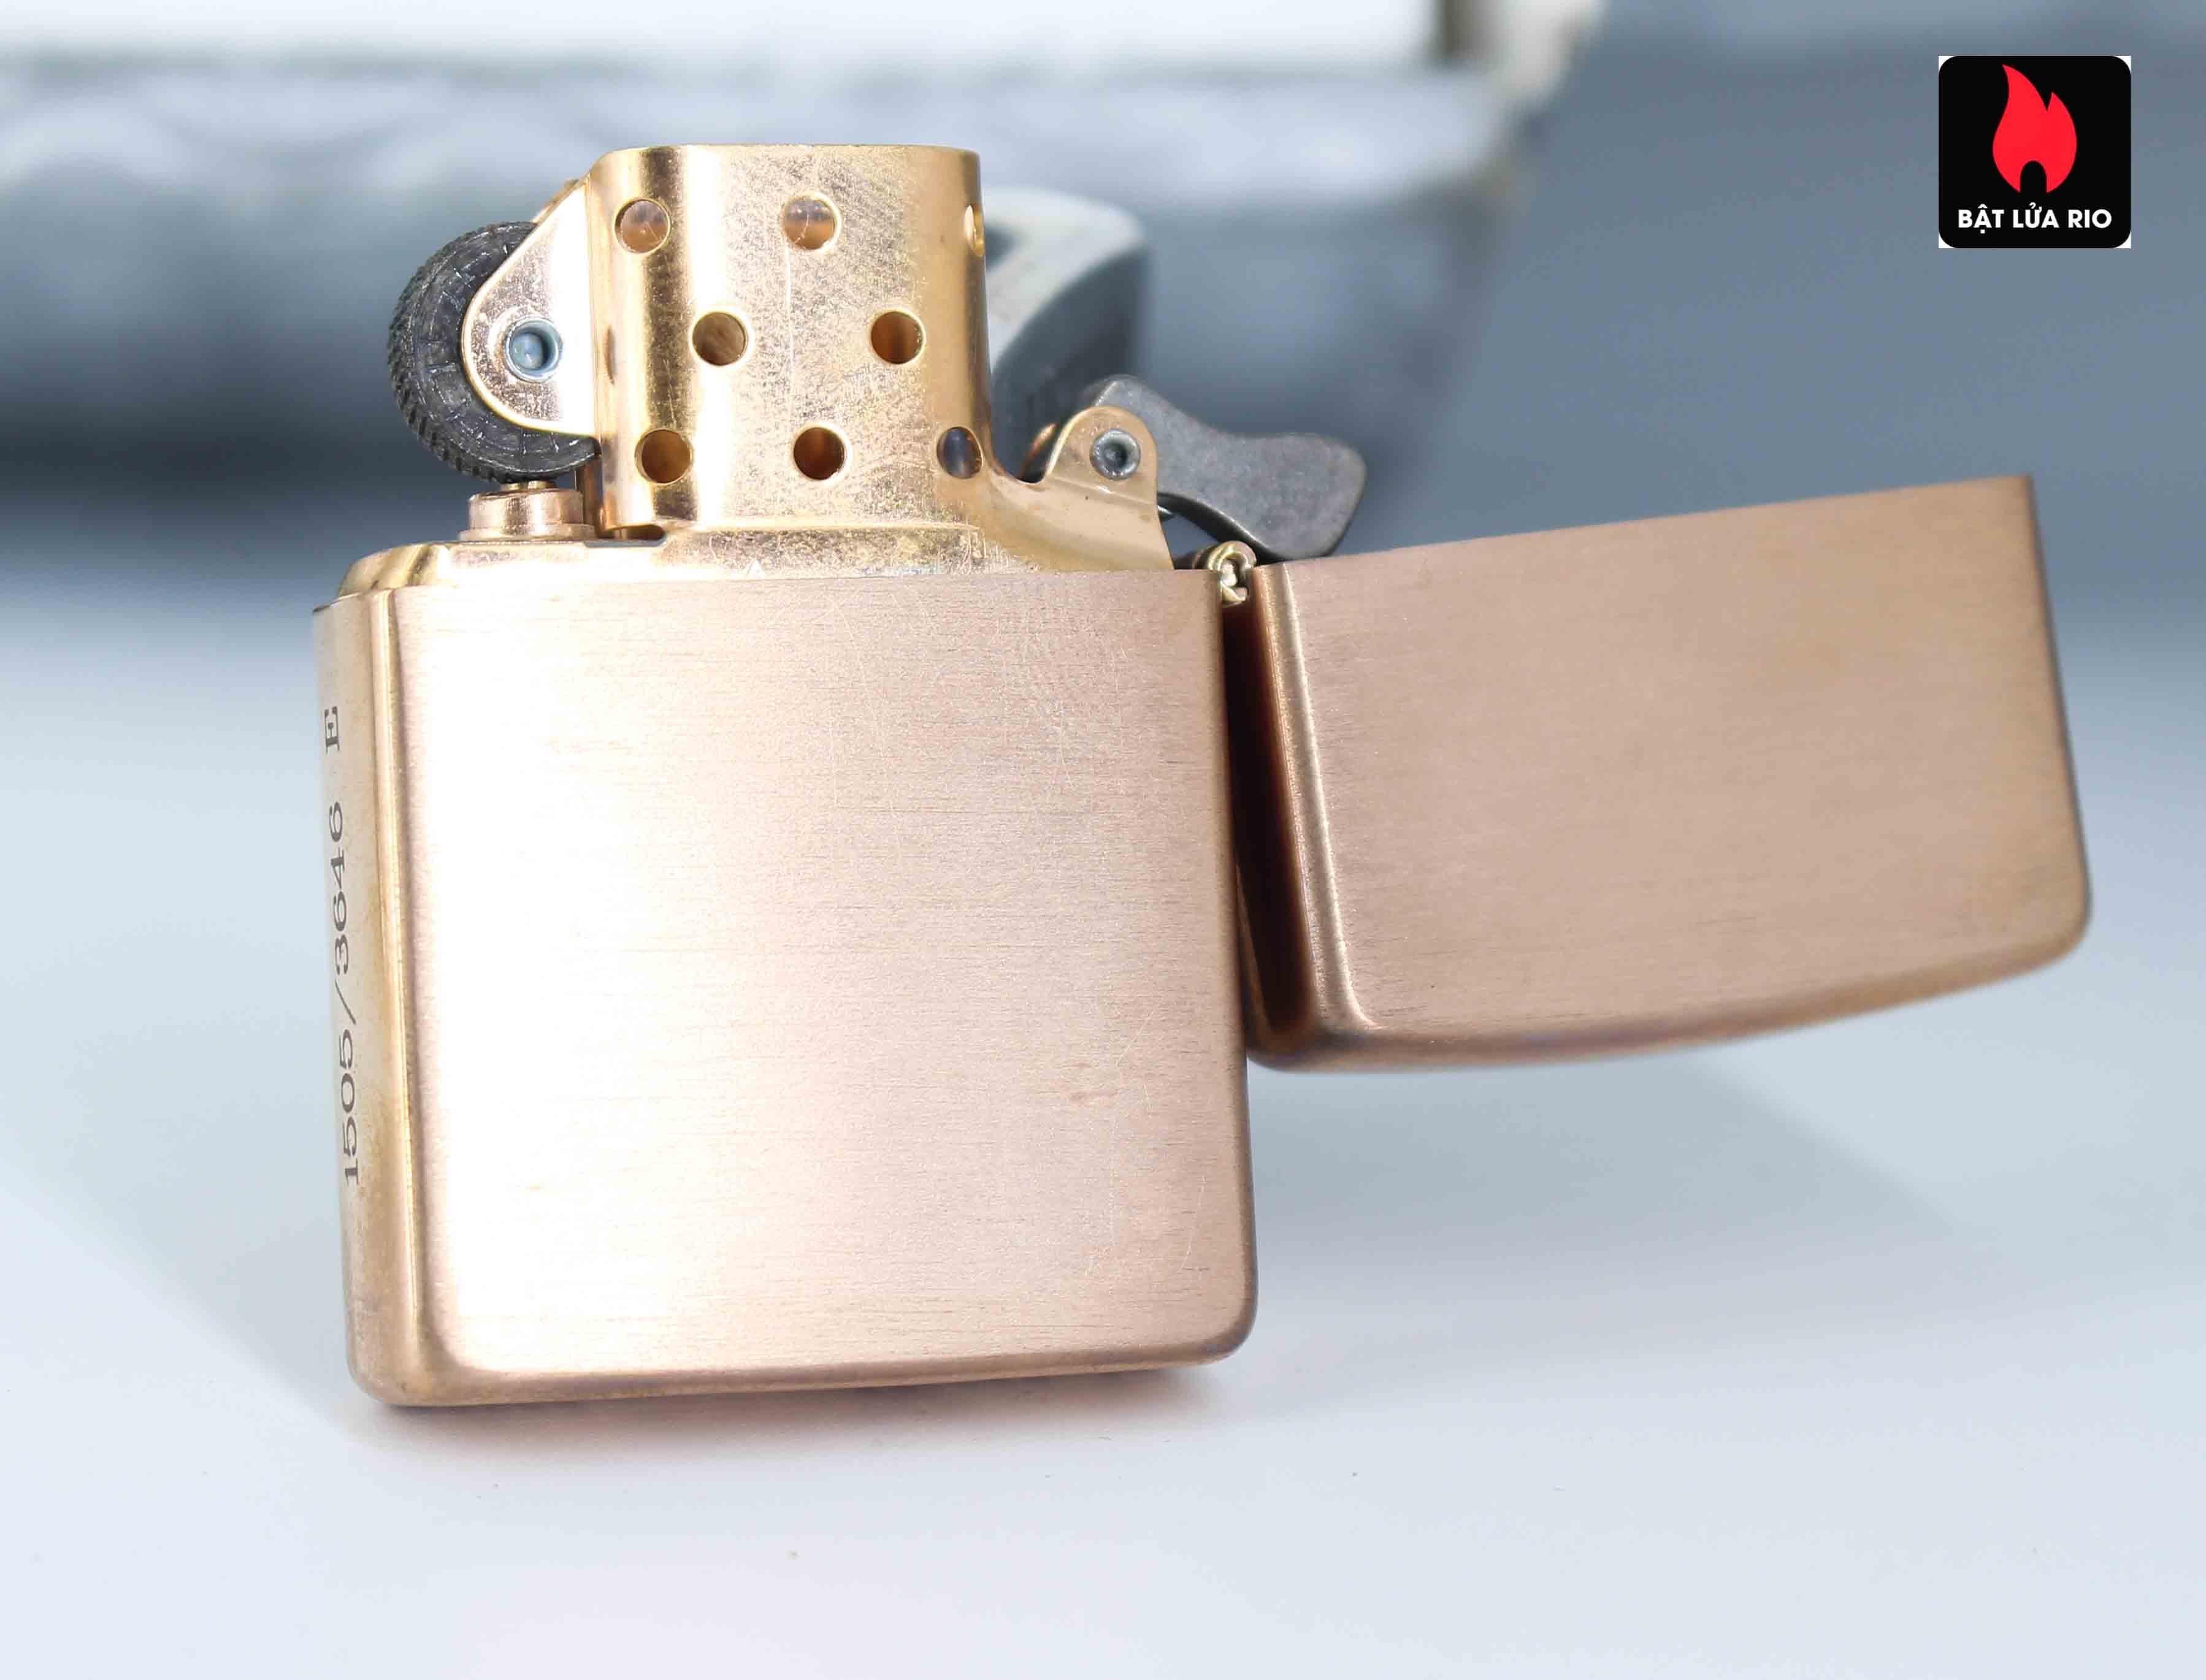 Zippo 2002 – Zippo Z-Series Copper Project – EU - Limited 1505/3646 E 4